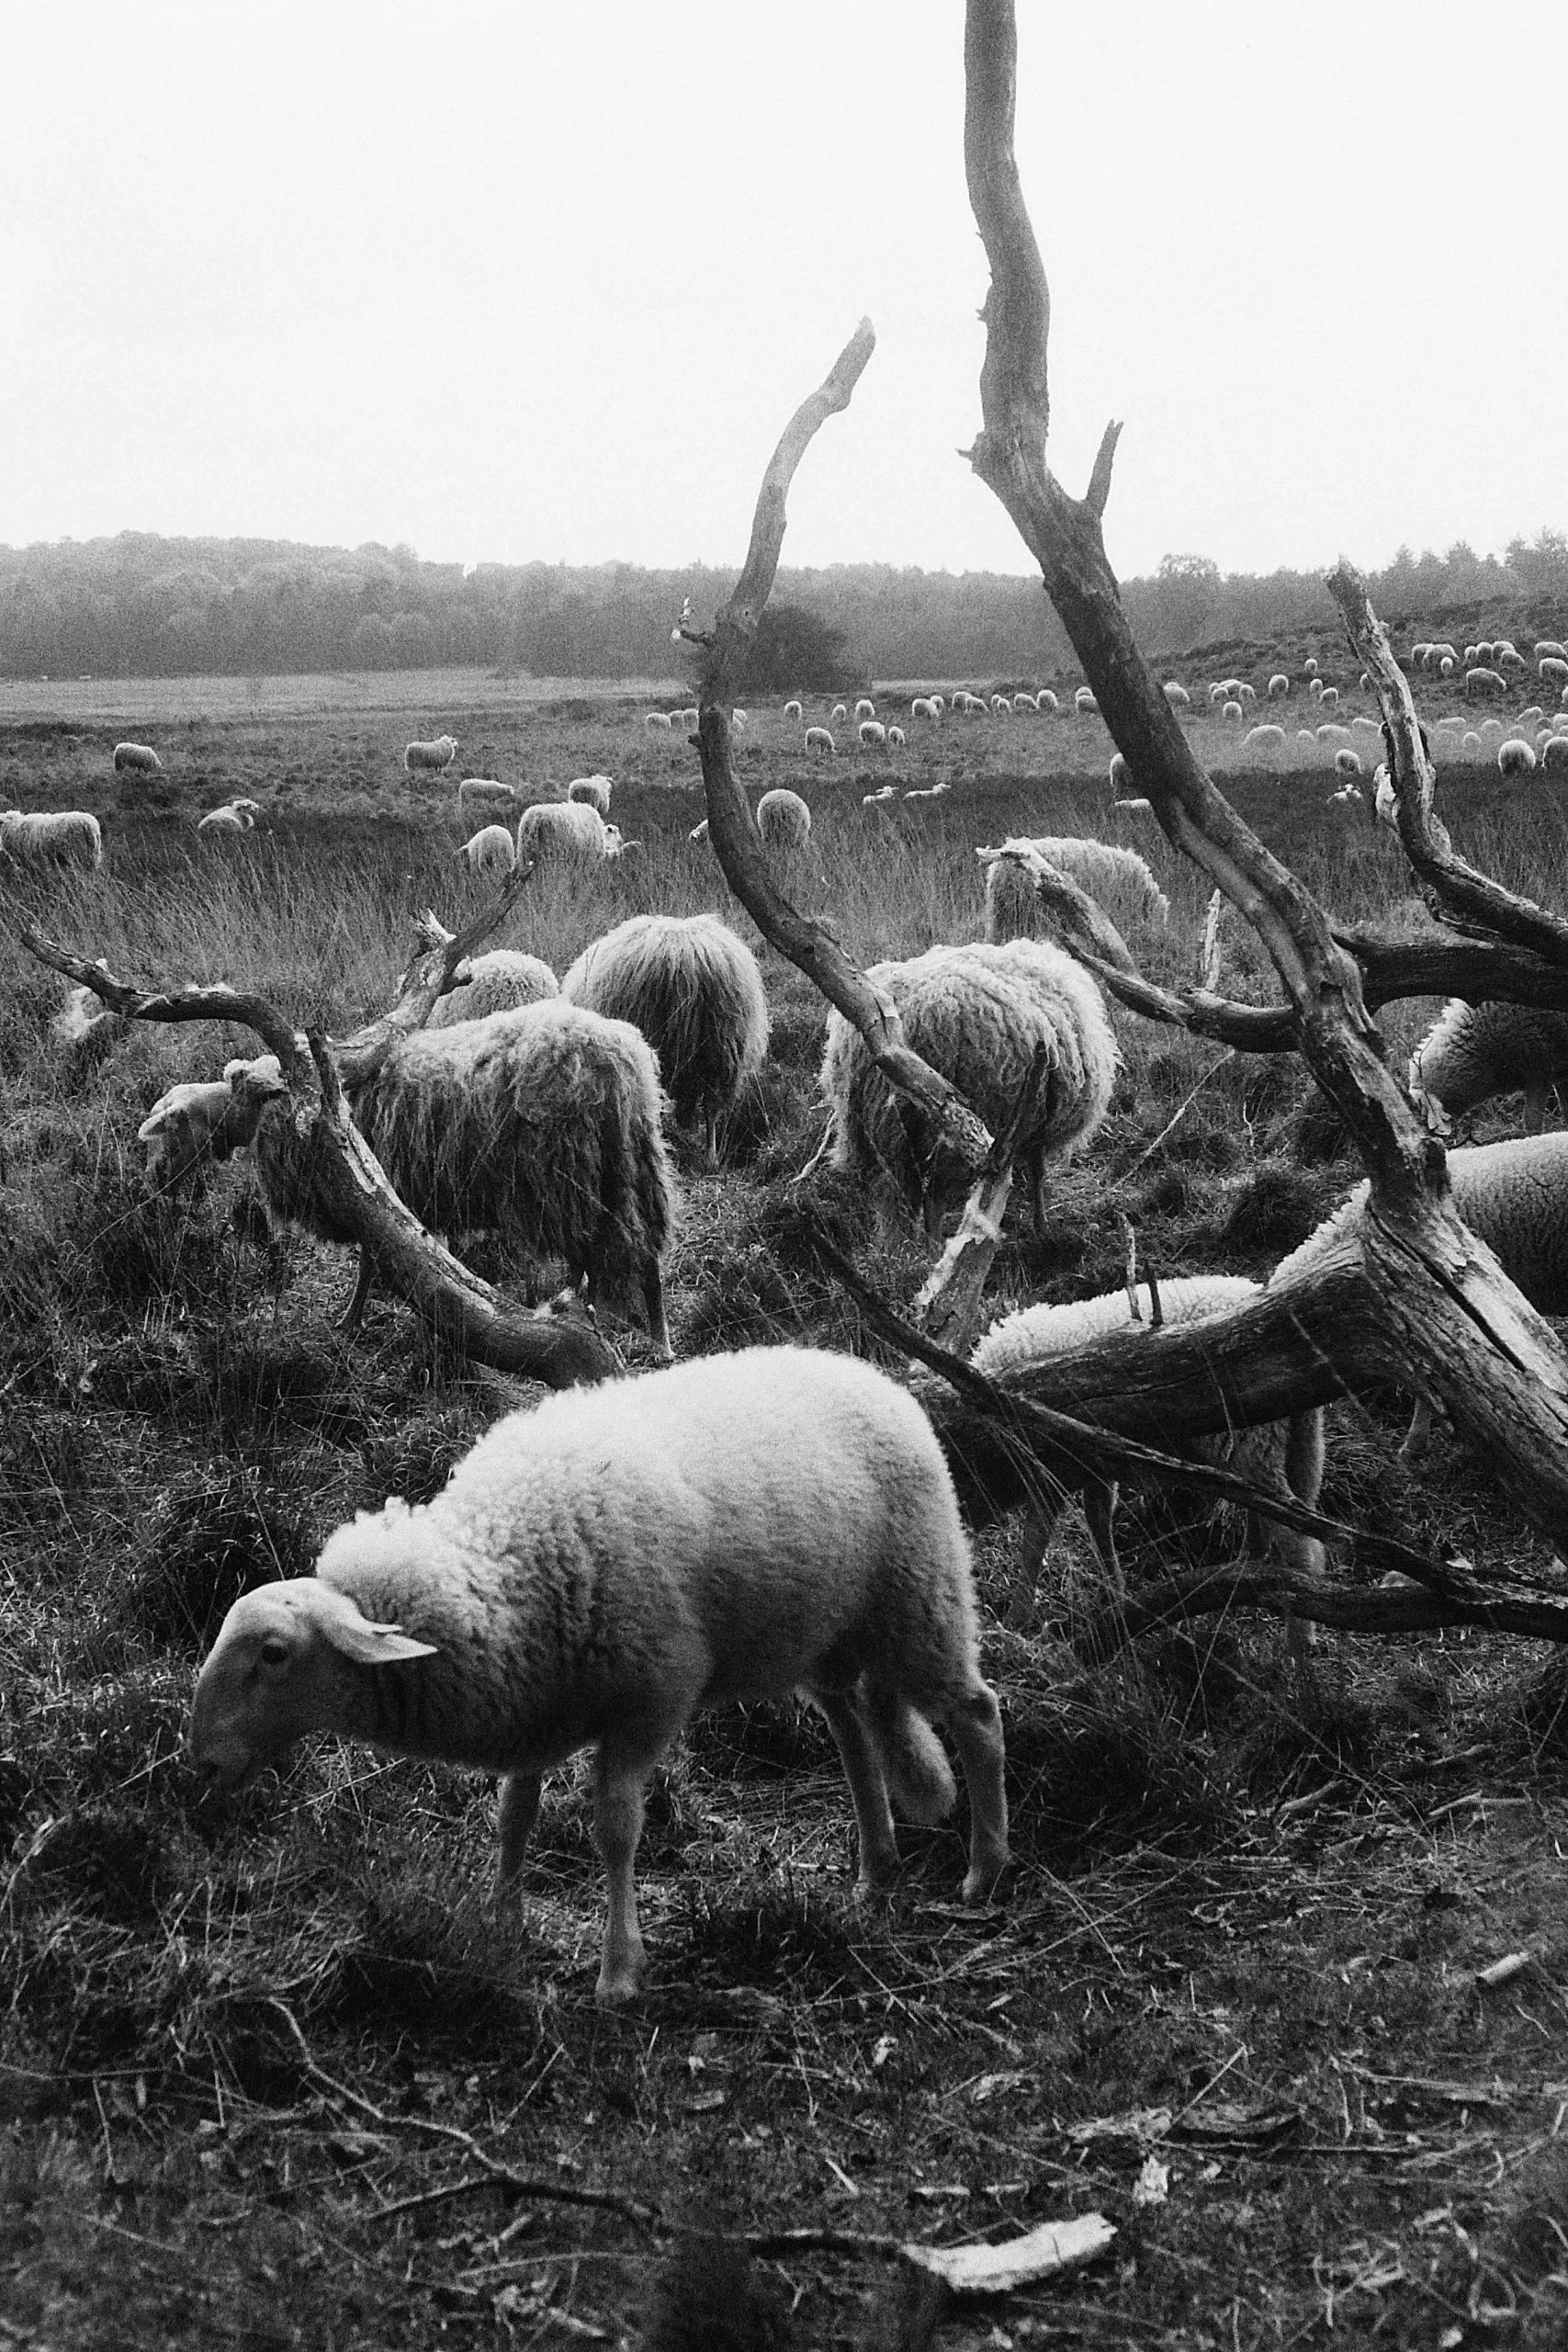 schapen-jagen_4